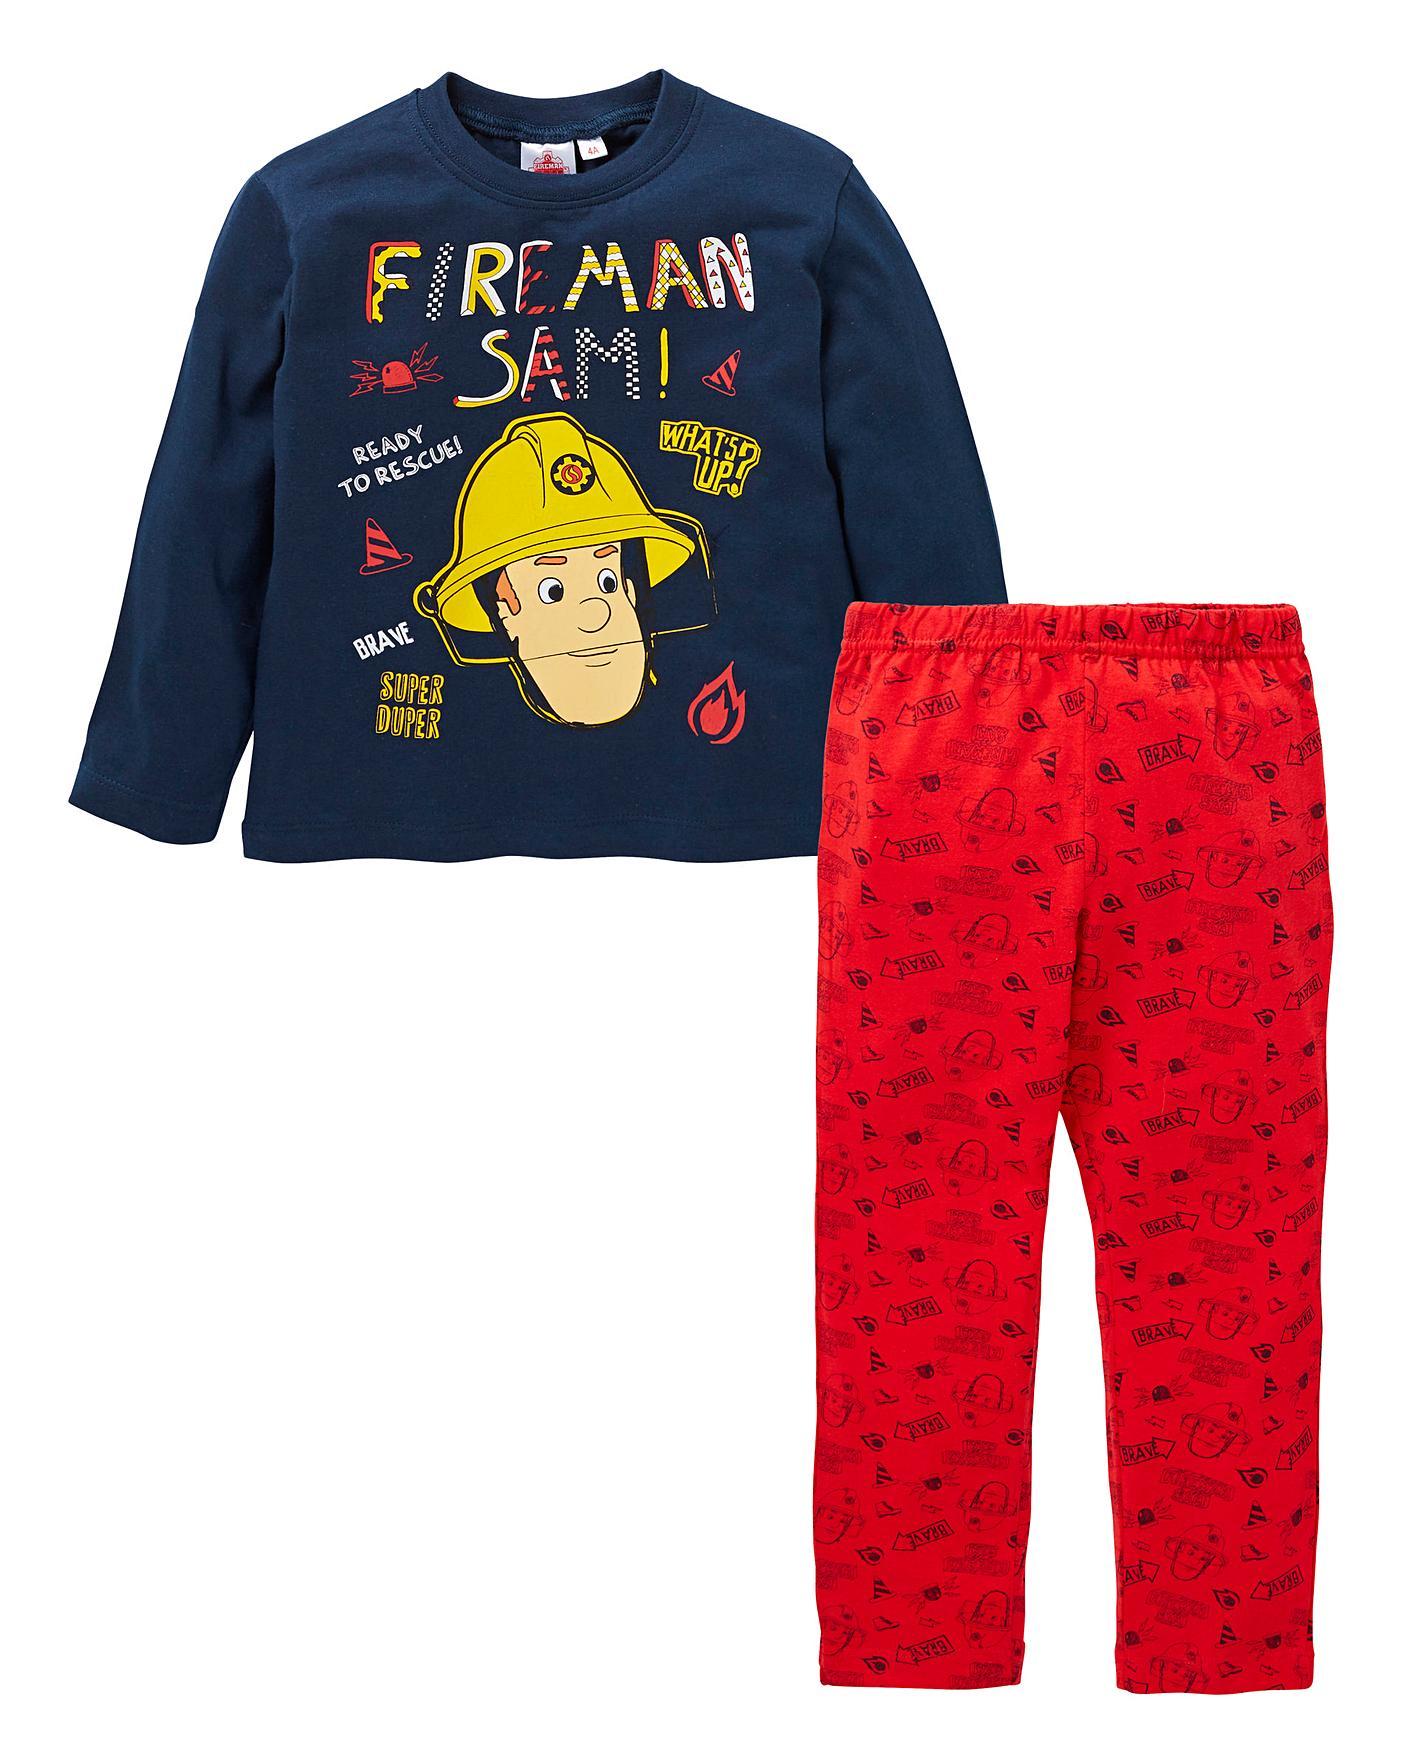 Fireman Sam Boys Pajamas